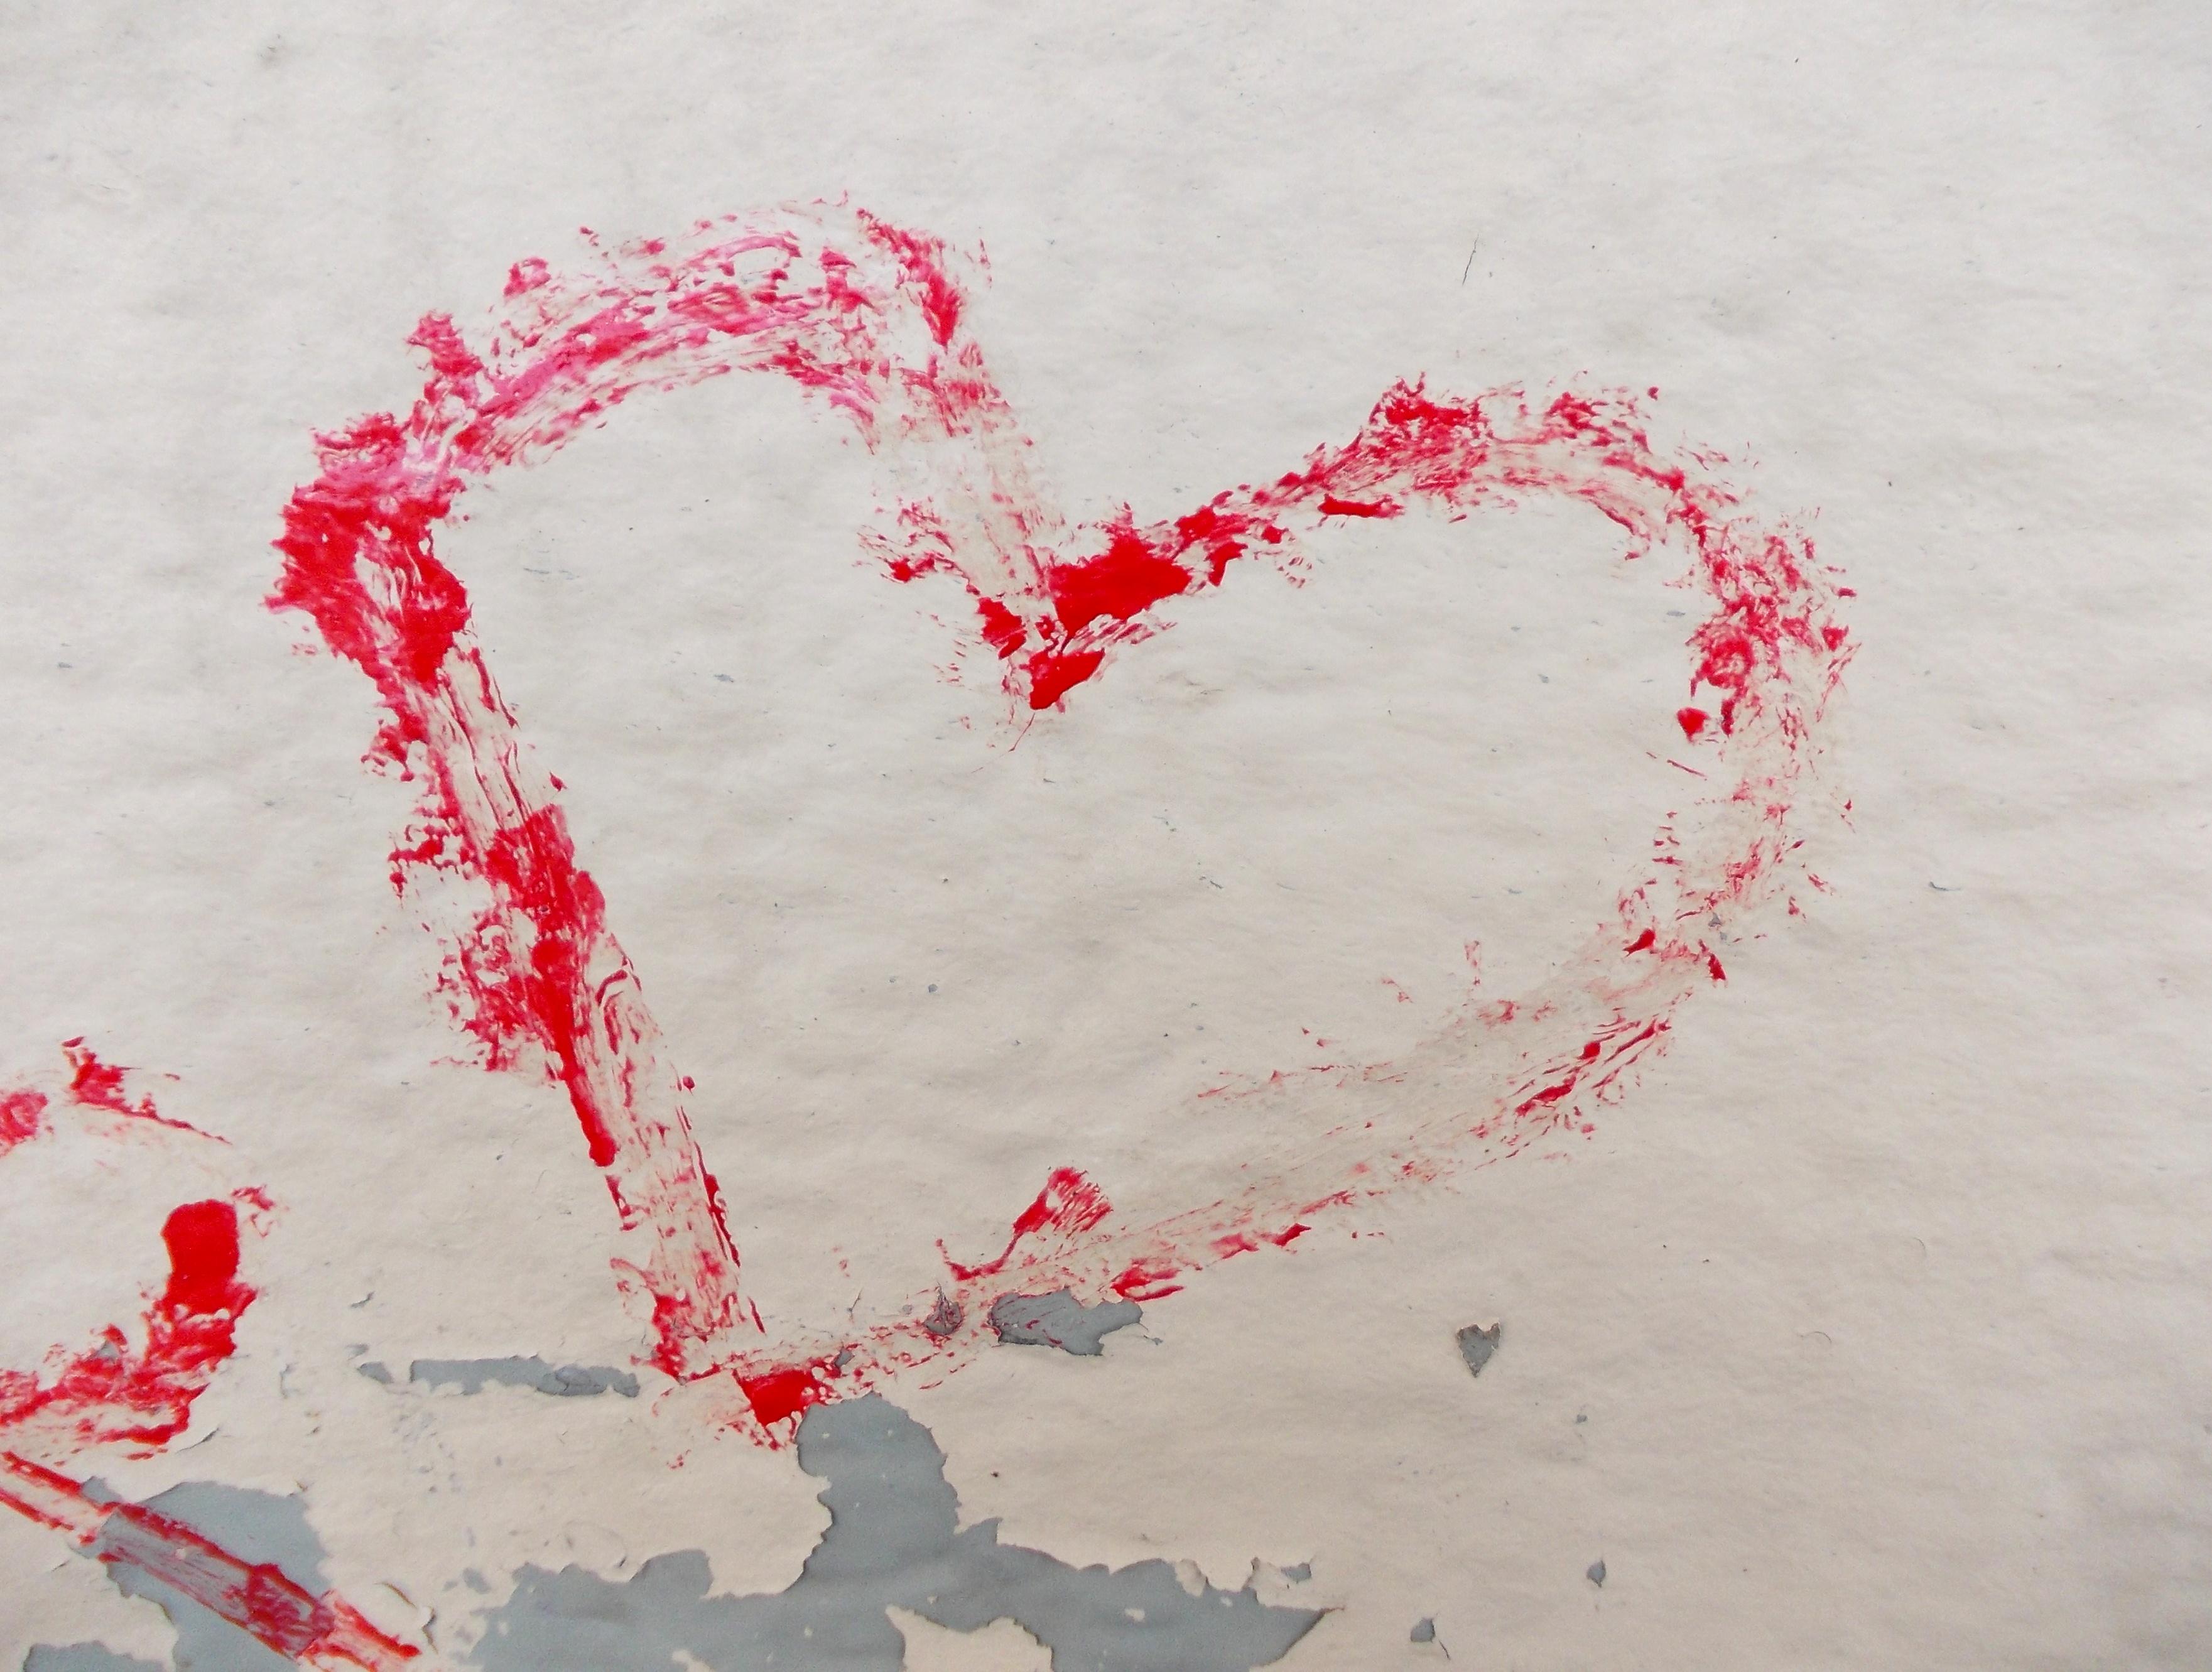 Mit Liebe gemacht: 5 kreative Geschenkideen - so nah und so fern